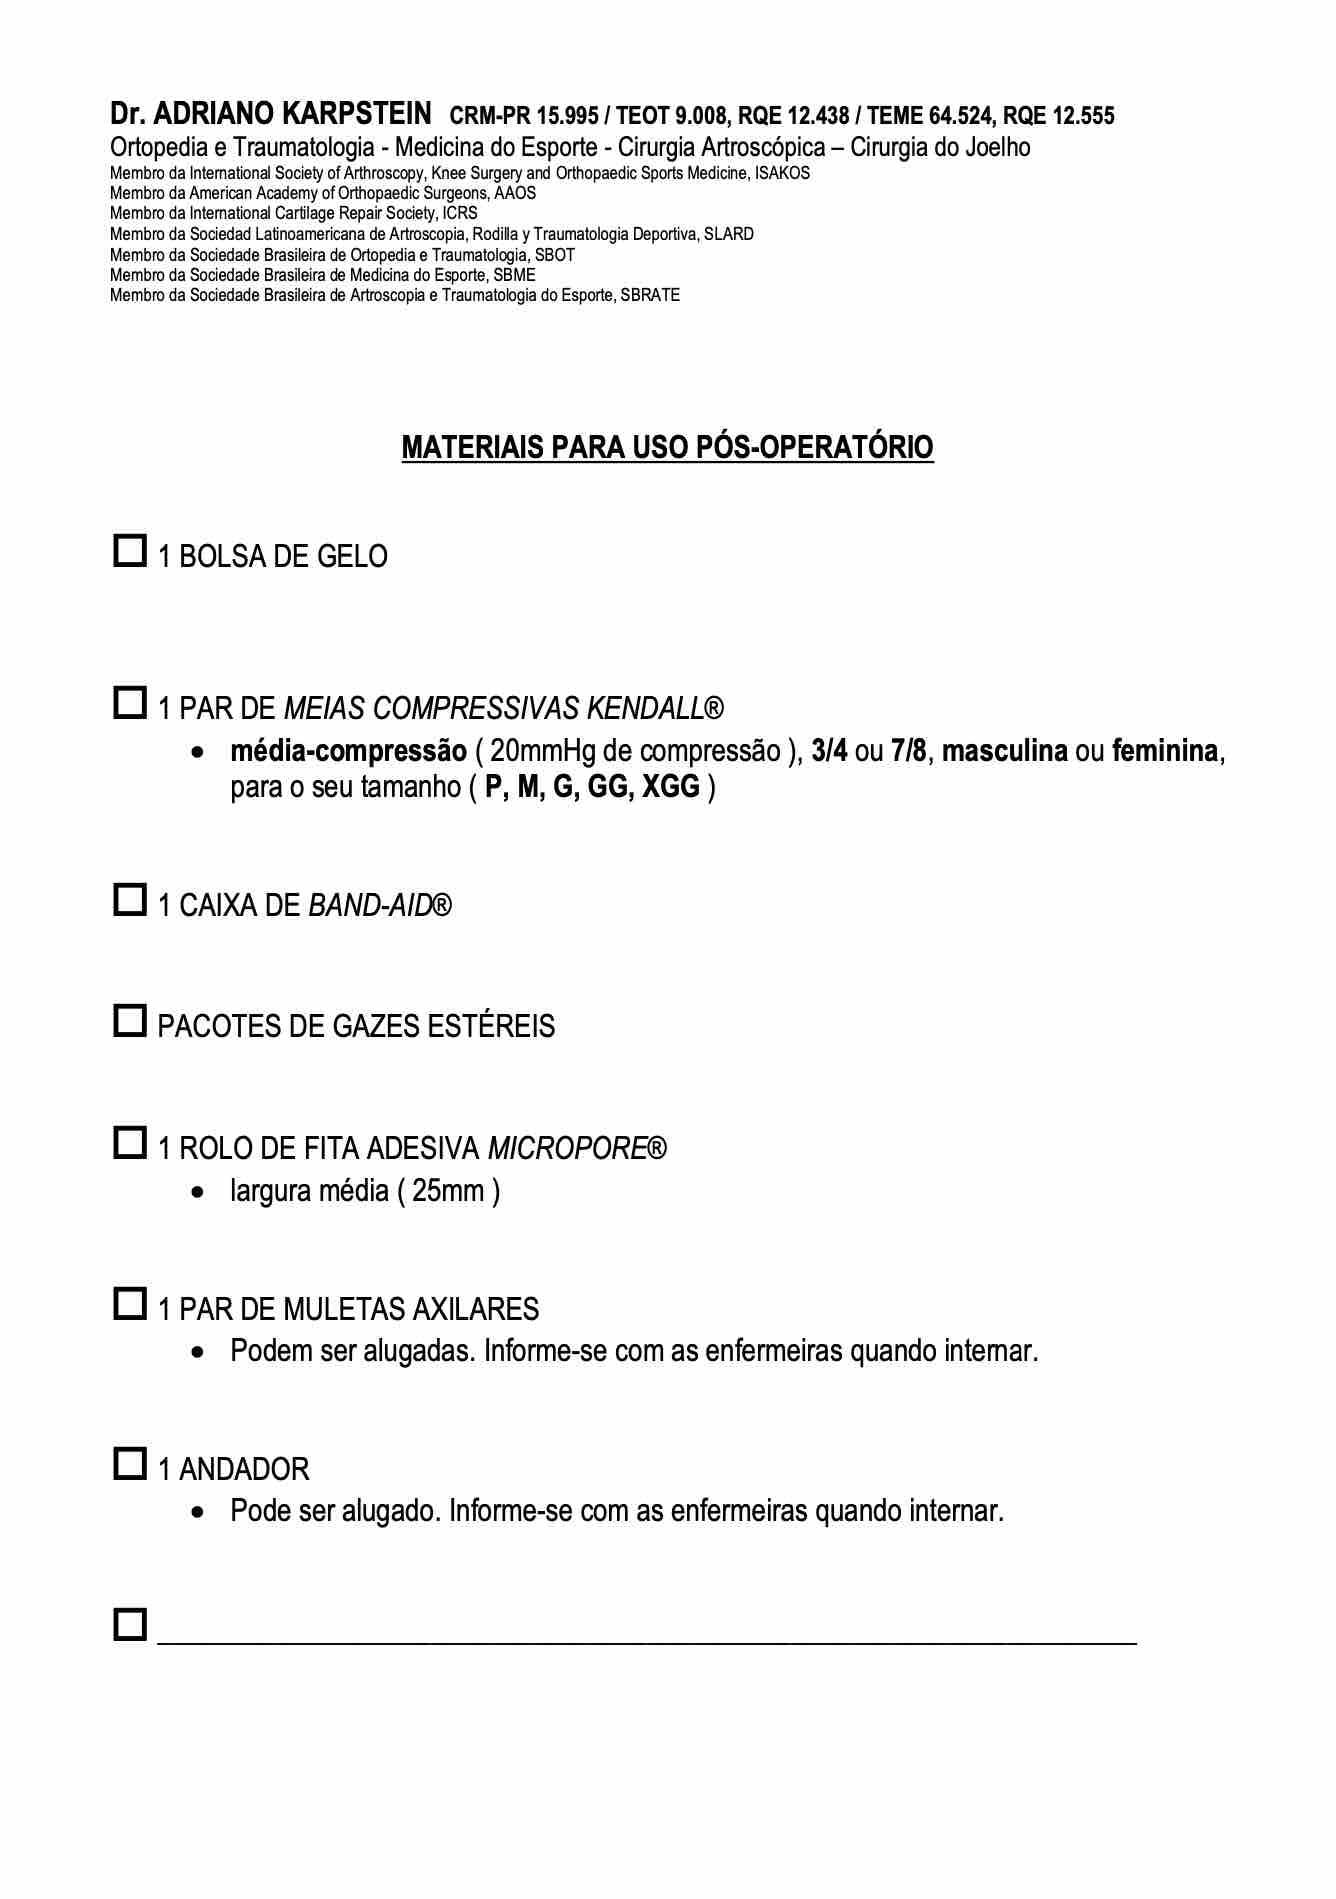 MATERIAIS PARA USO PÓS-OPERATÓRIO – DR. ADRIANO KARPSTEIN